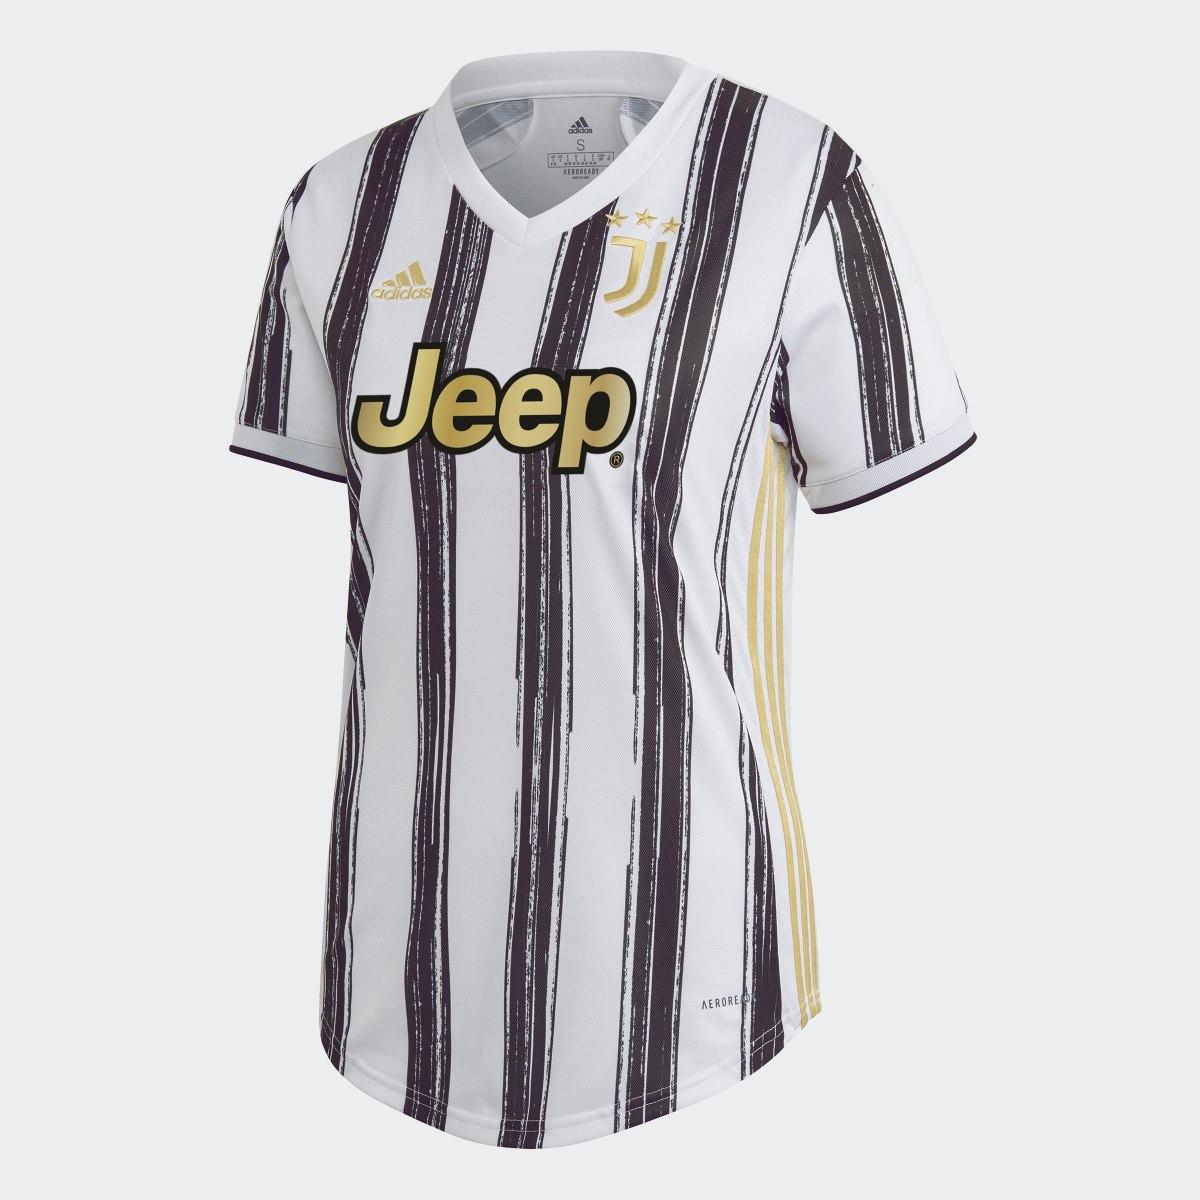 Juventus 20/21 Home Jersey